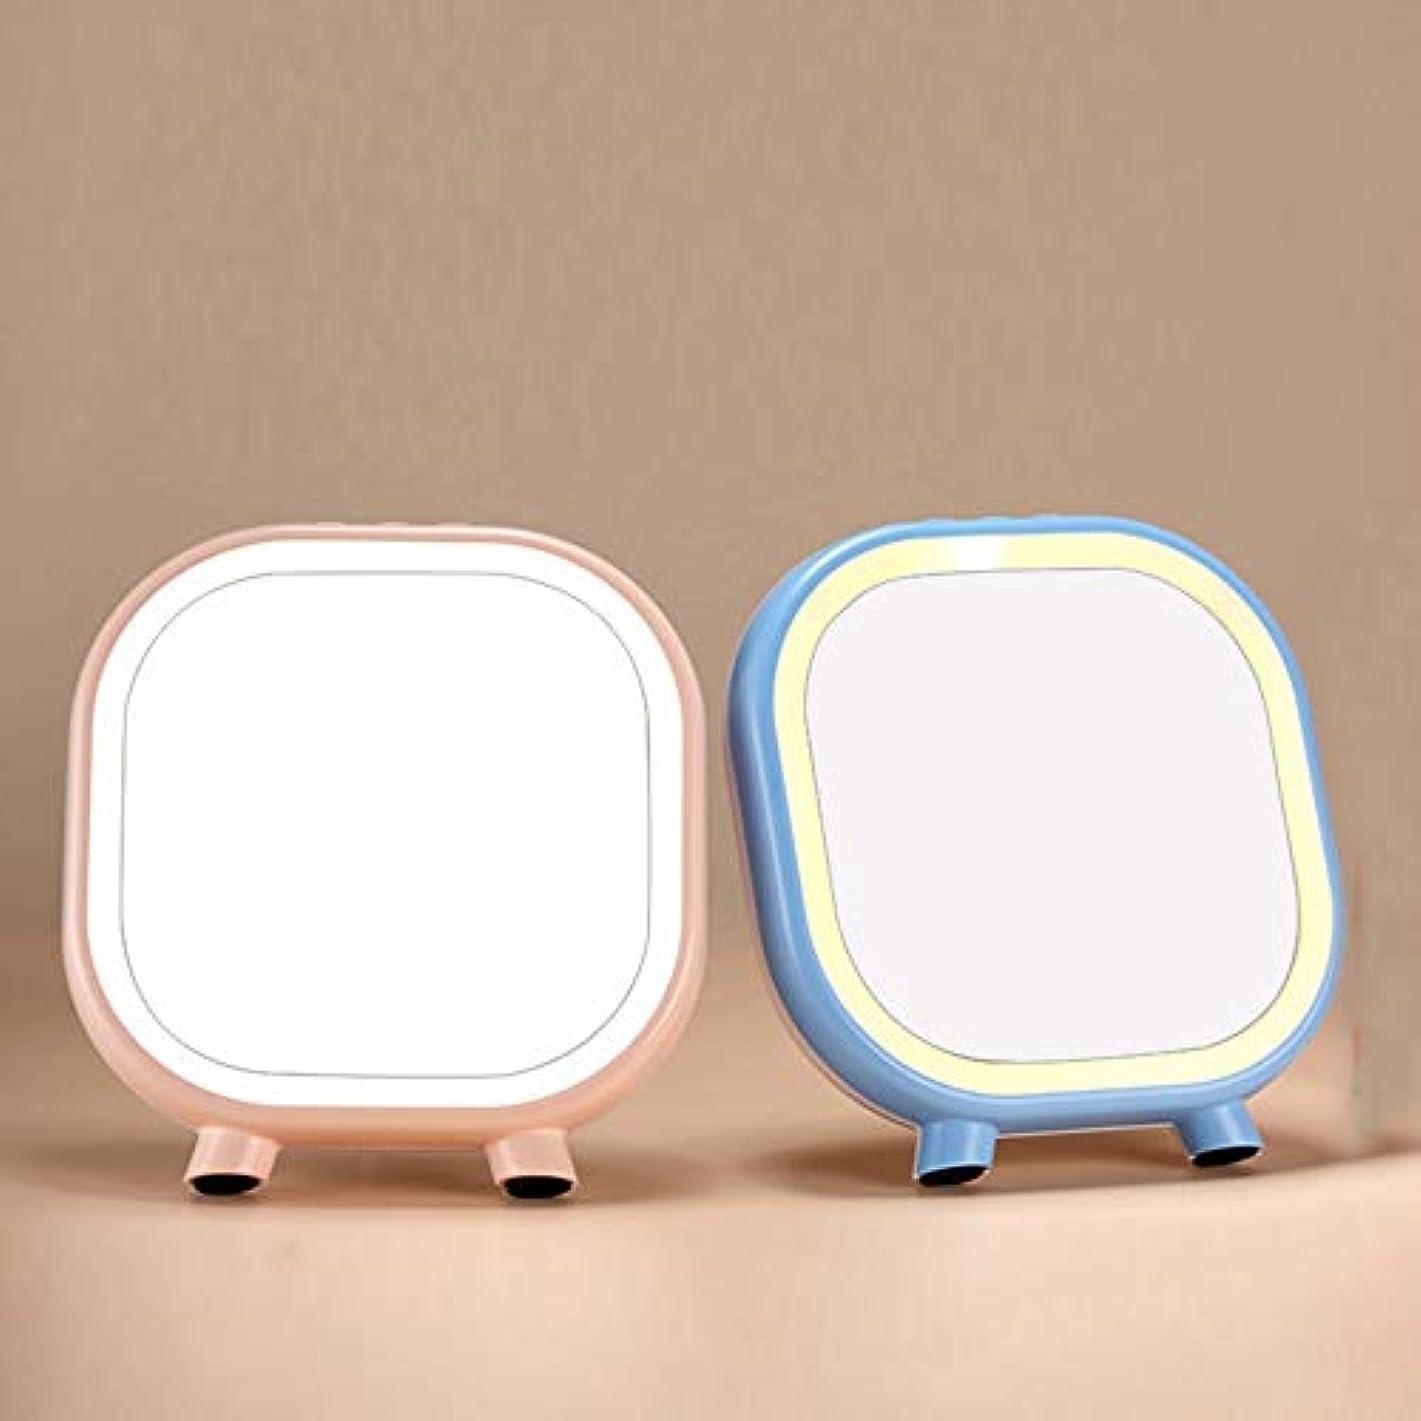 気難しい口密輸流行の クリエイティブ新しいLED照明ブルートゥーススピーカー美容ミラー化粧鏡化粧鏡ABS材料2ブルーブルー (色 : Blue)